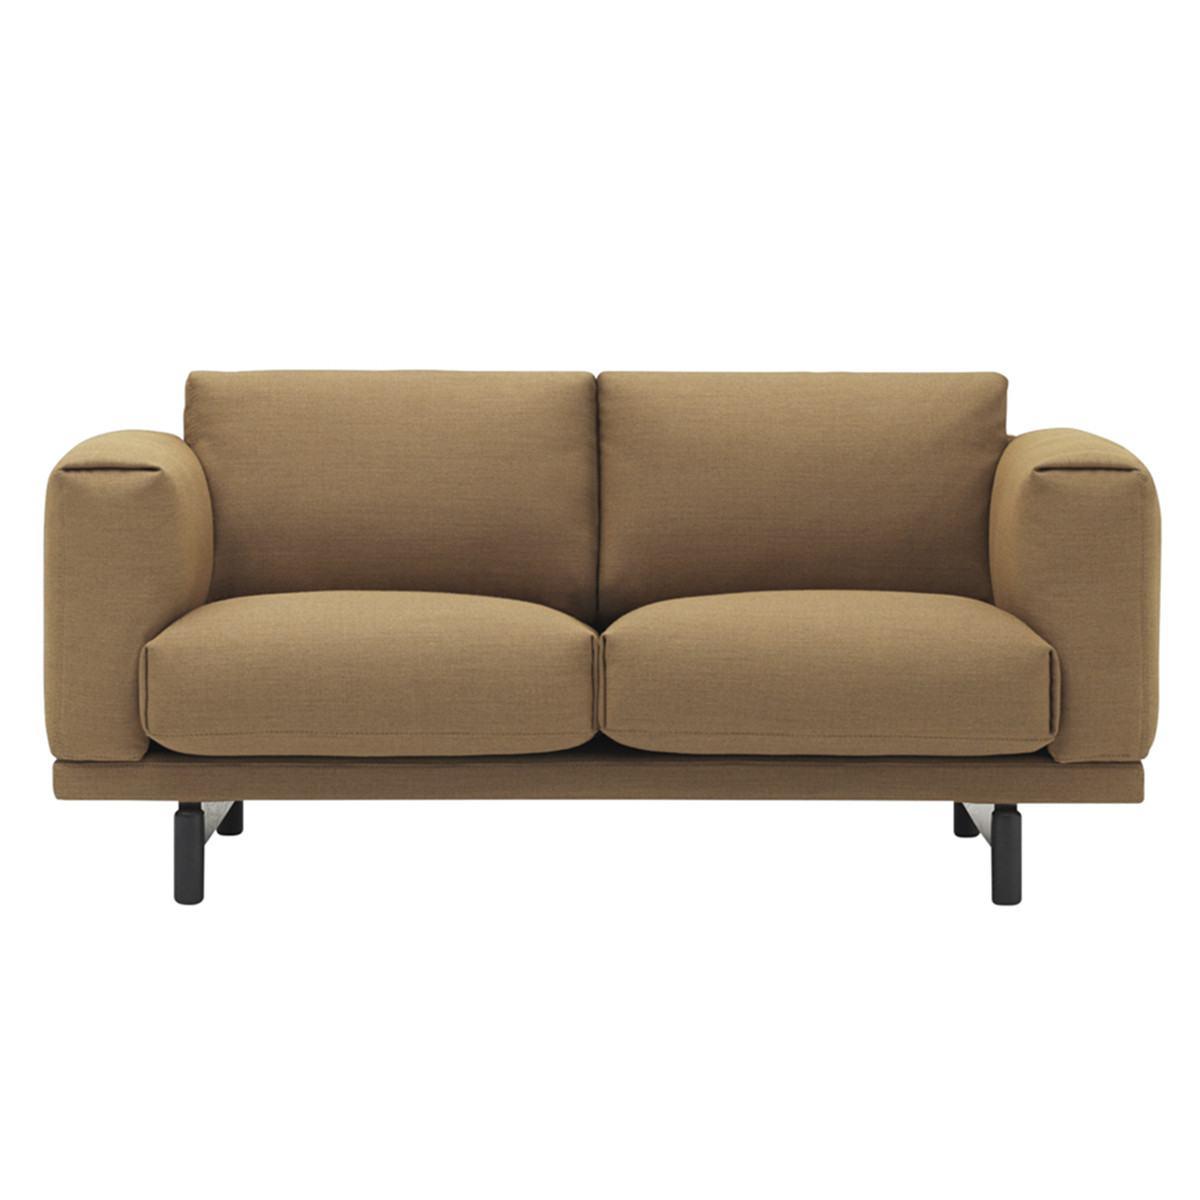 Muuto Rest Studio Sofa